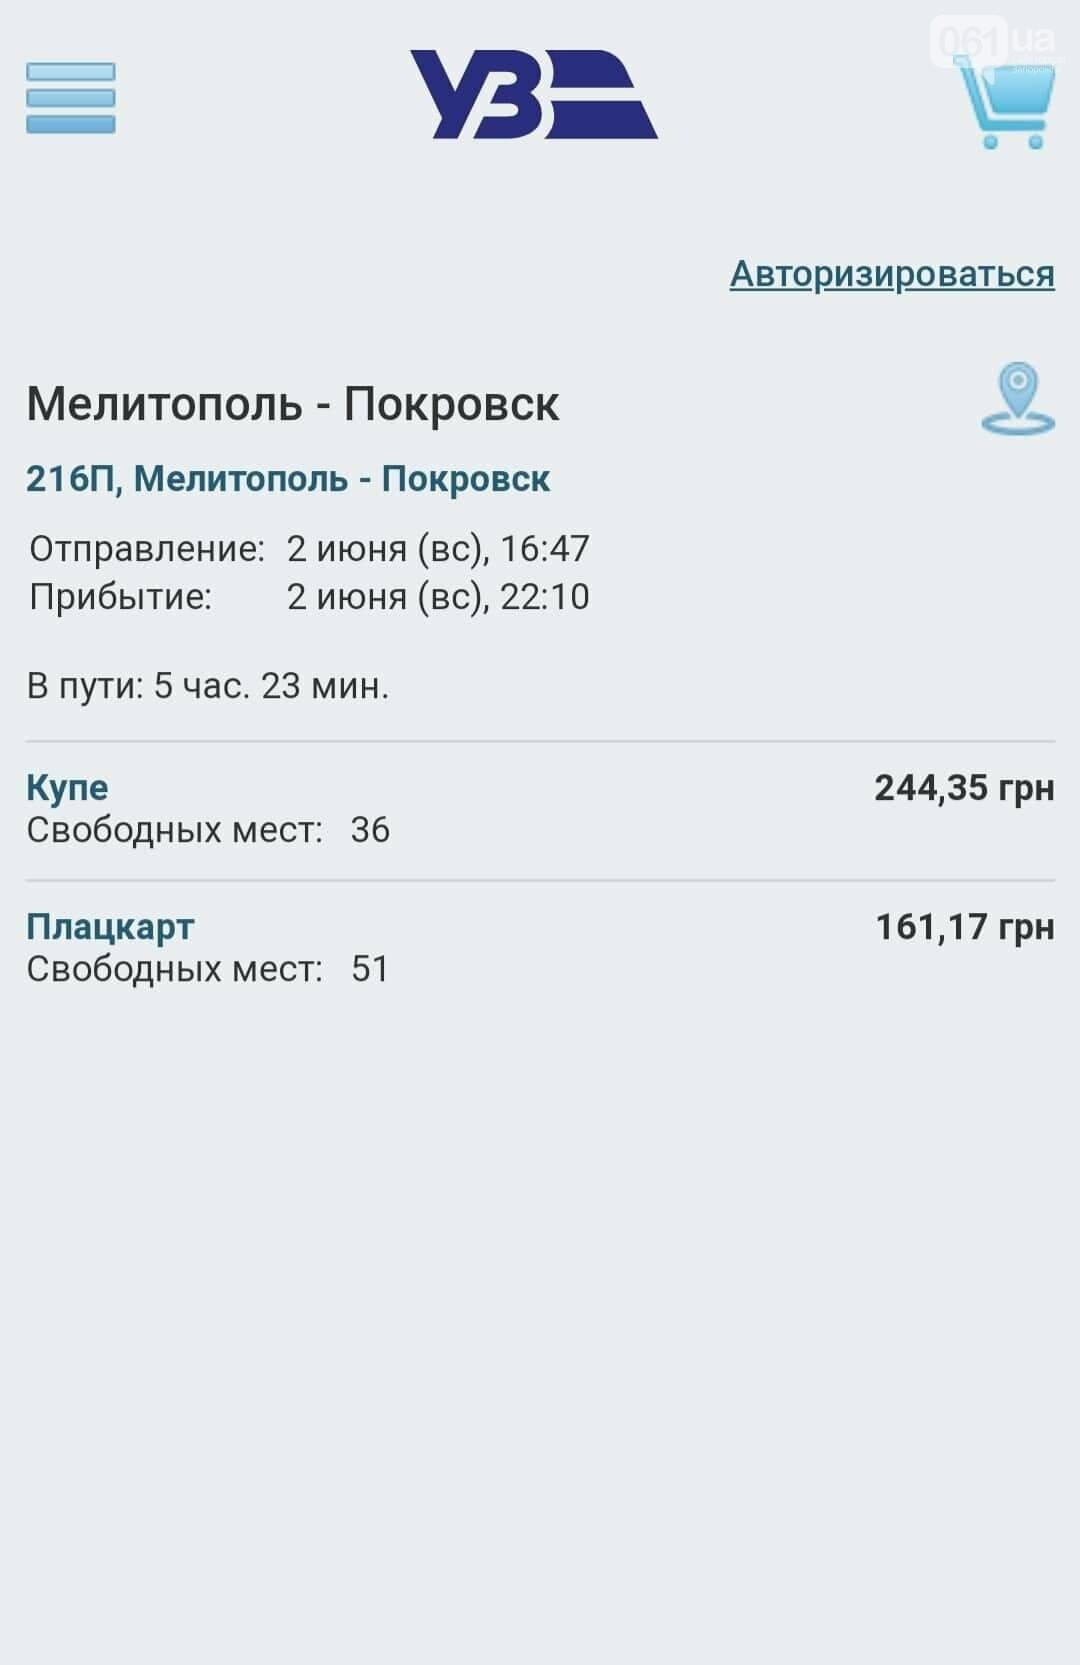 Укрзализныця запускает пассажирский поезд в Донецкую область - он будет курсировать через Мелитополь, фото-1